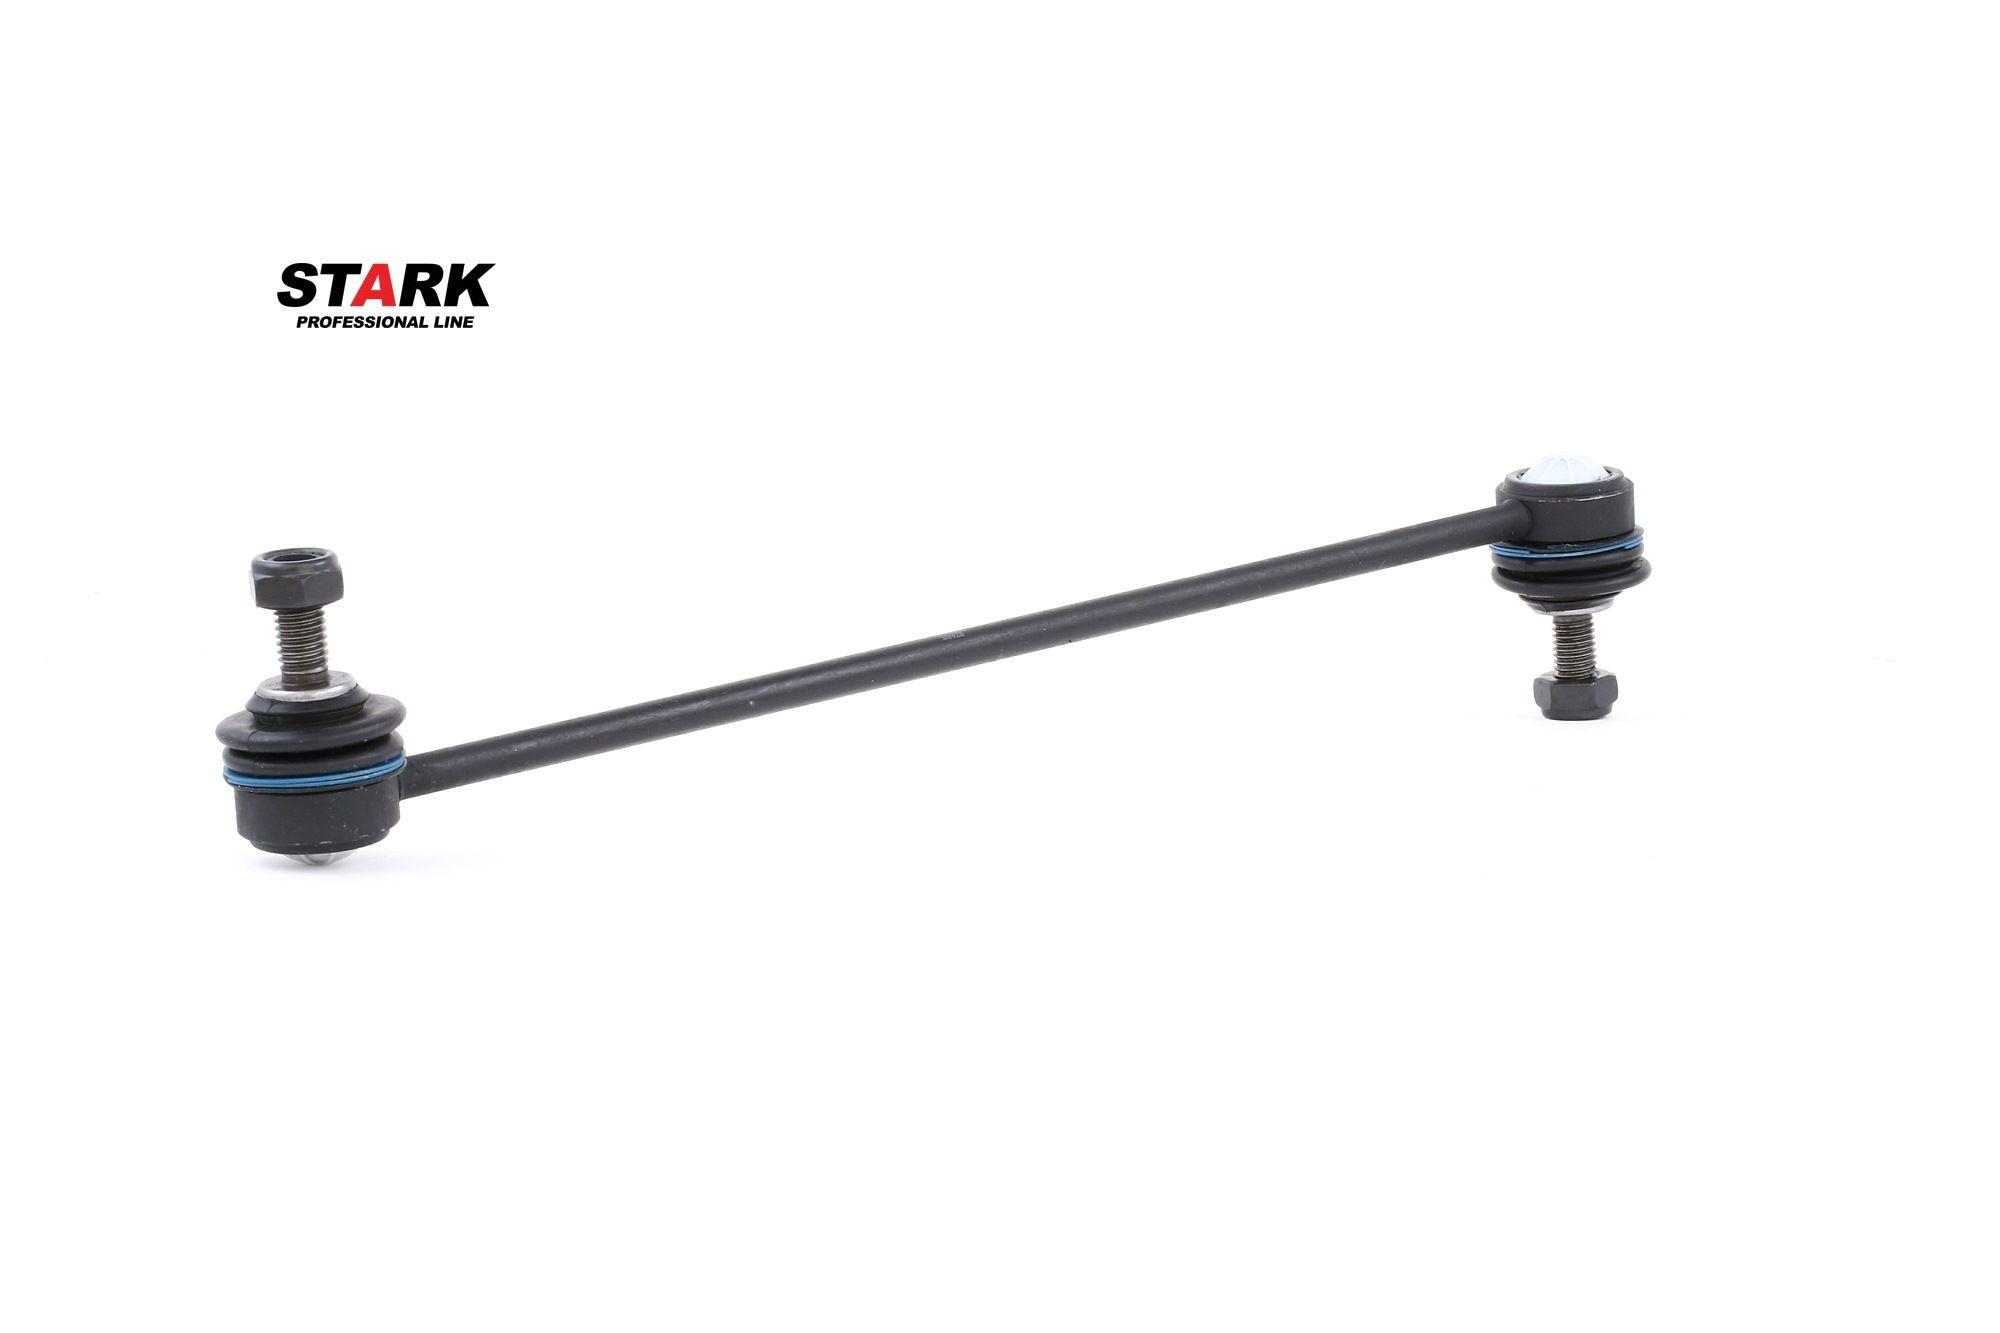 Sway Bar Link STARK SKST-0230005 rating